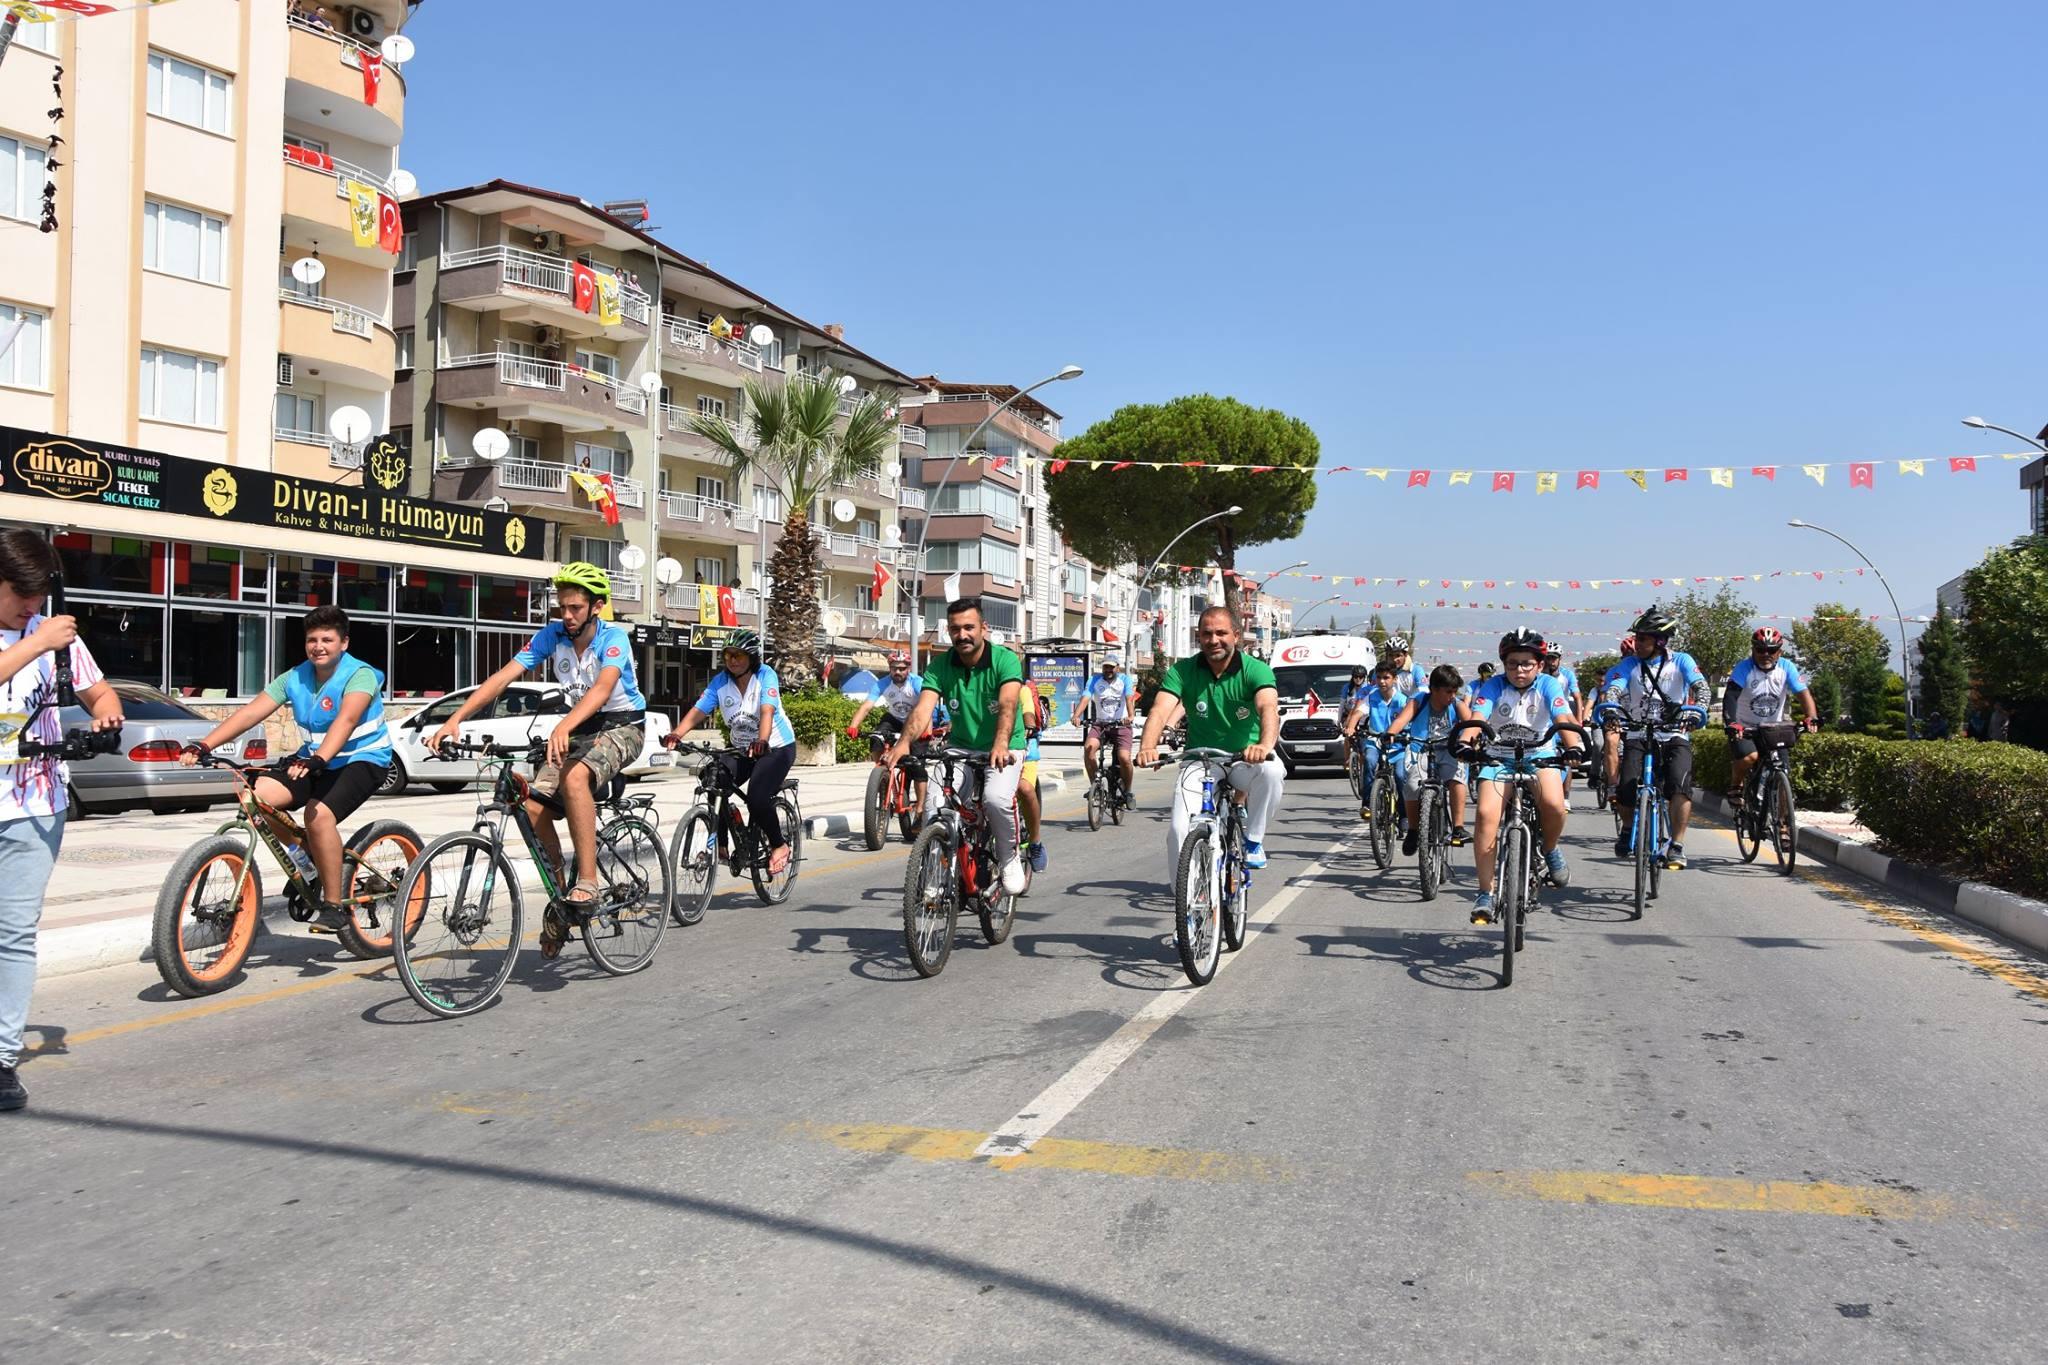 Afyon'dan yola çıkan Büyük Taarruz Bisiklet Turu ekibi ile birlikte ilçemizde Tur Attık